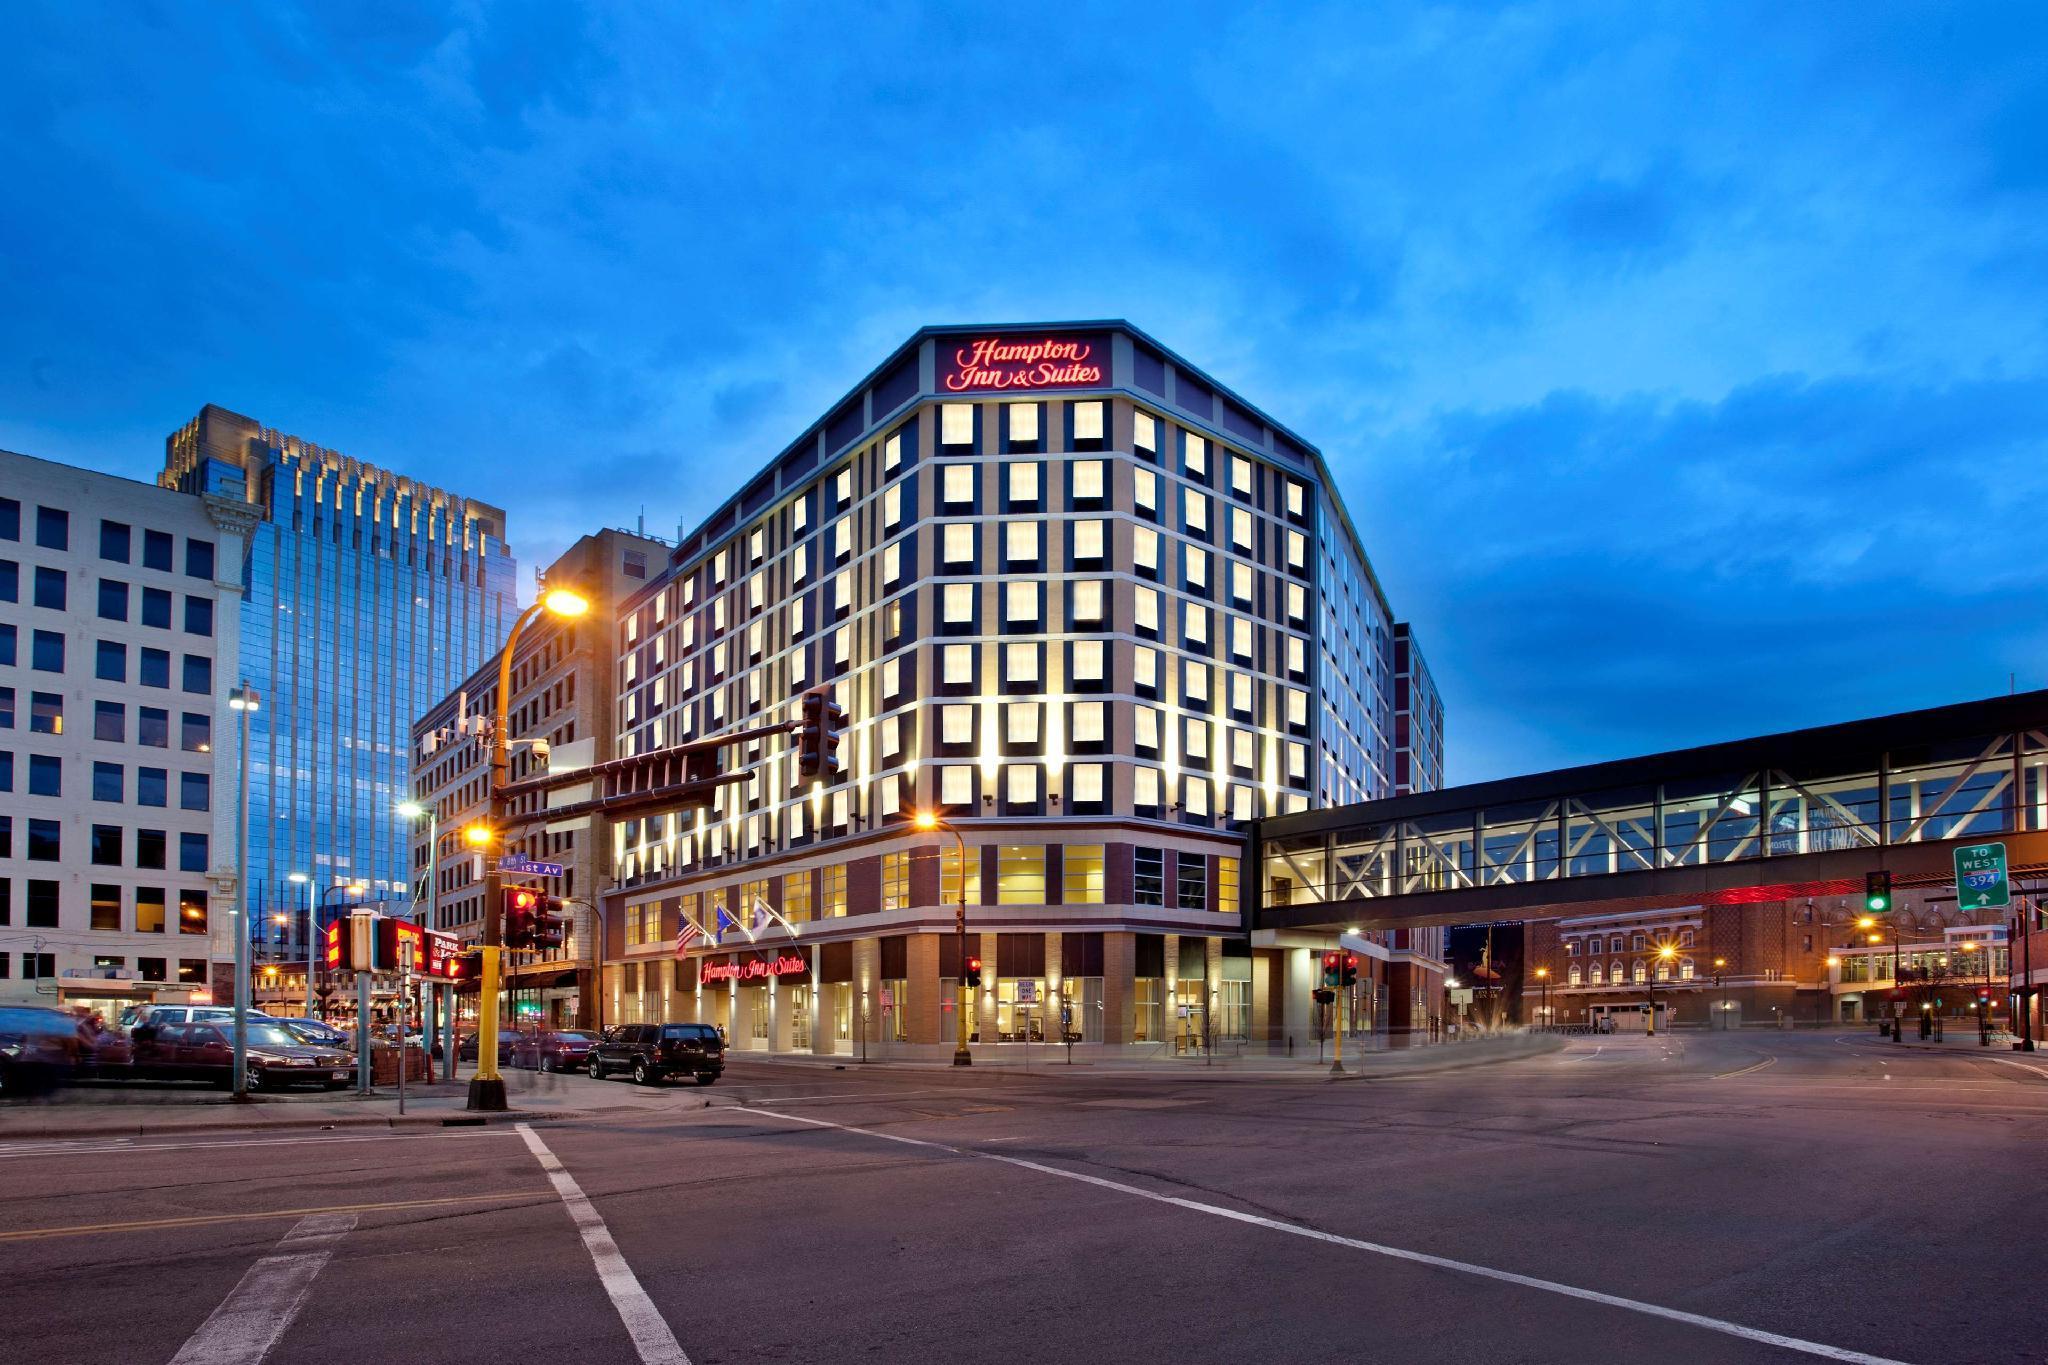 Hampton Inn and Suites Minneapolis Downtown